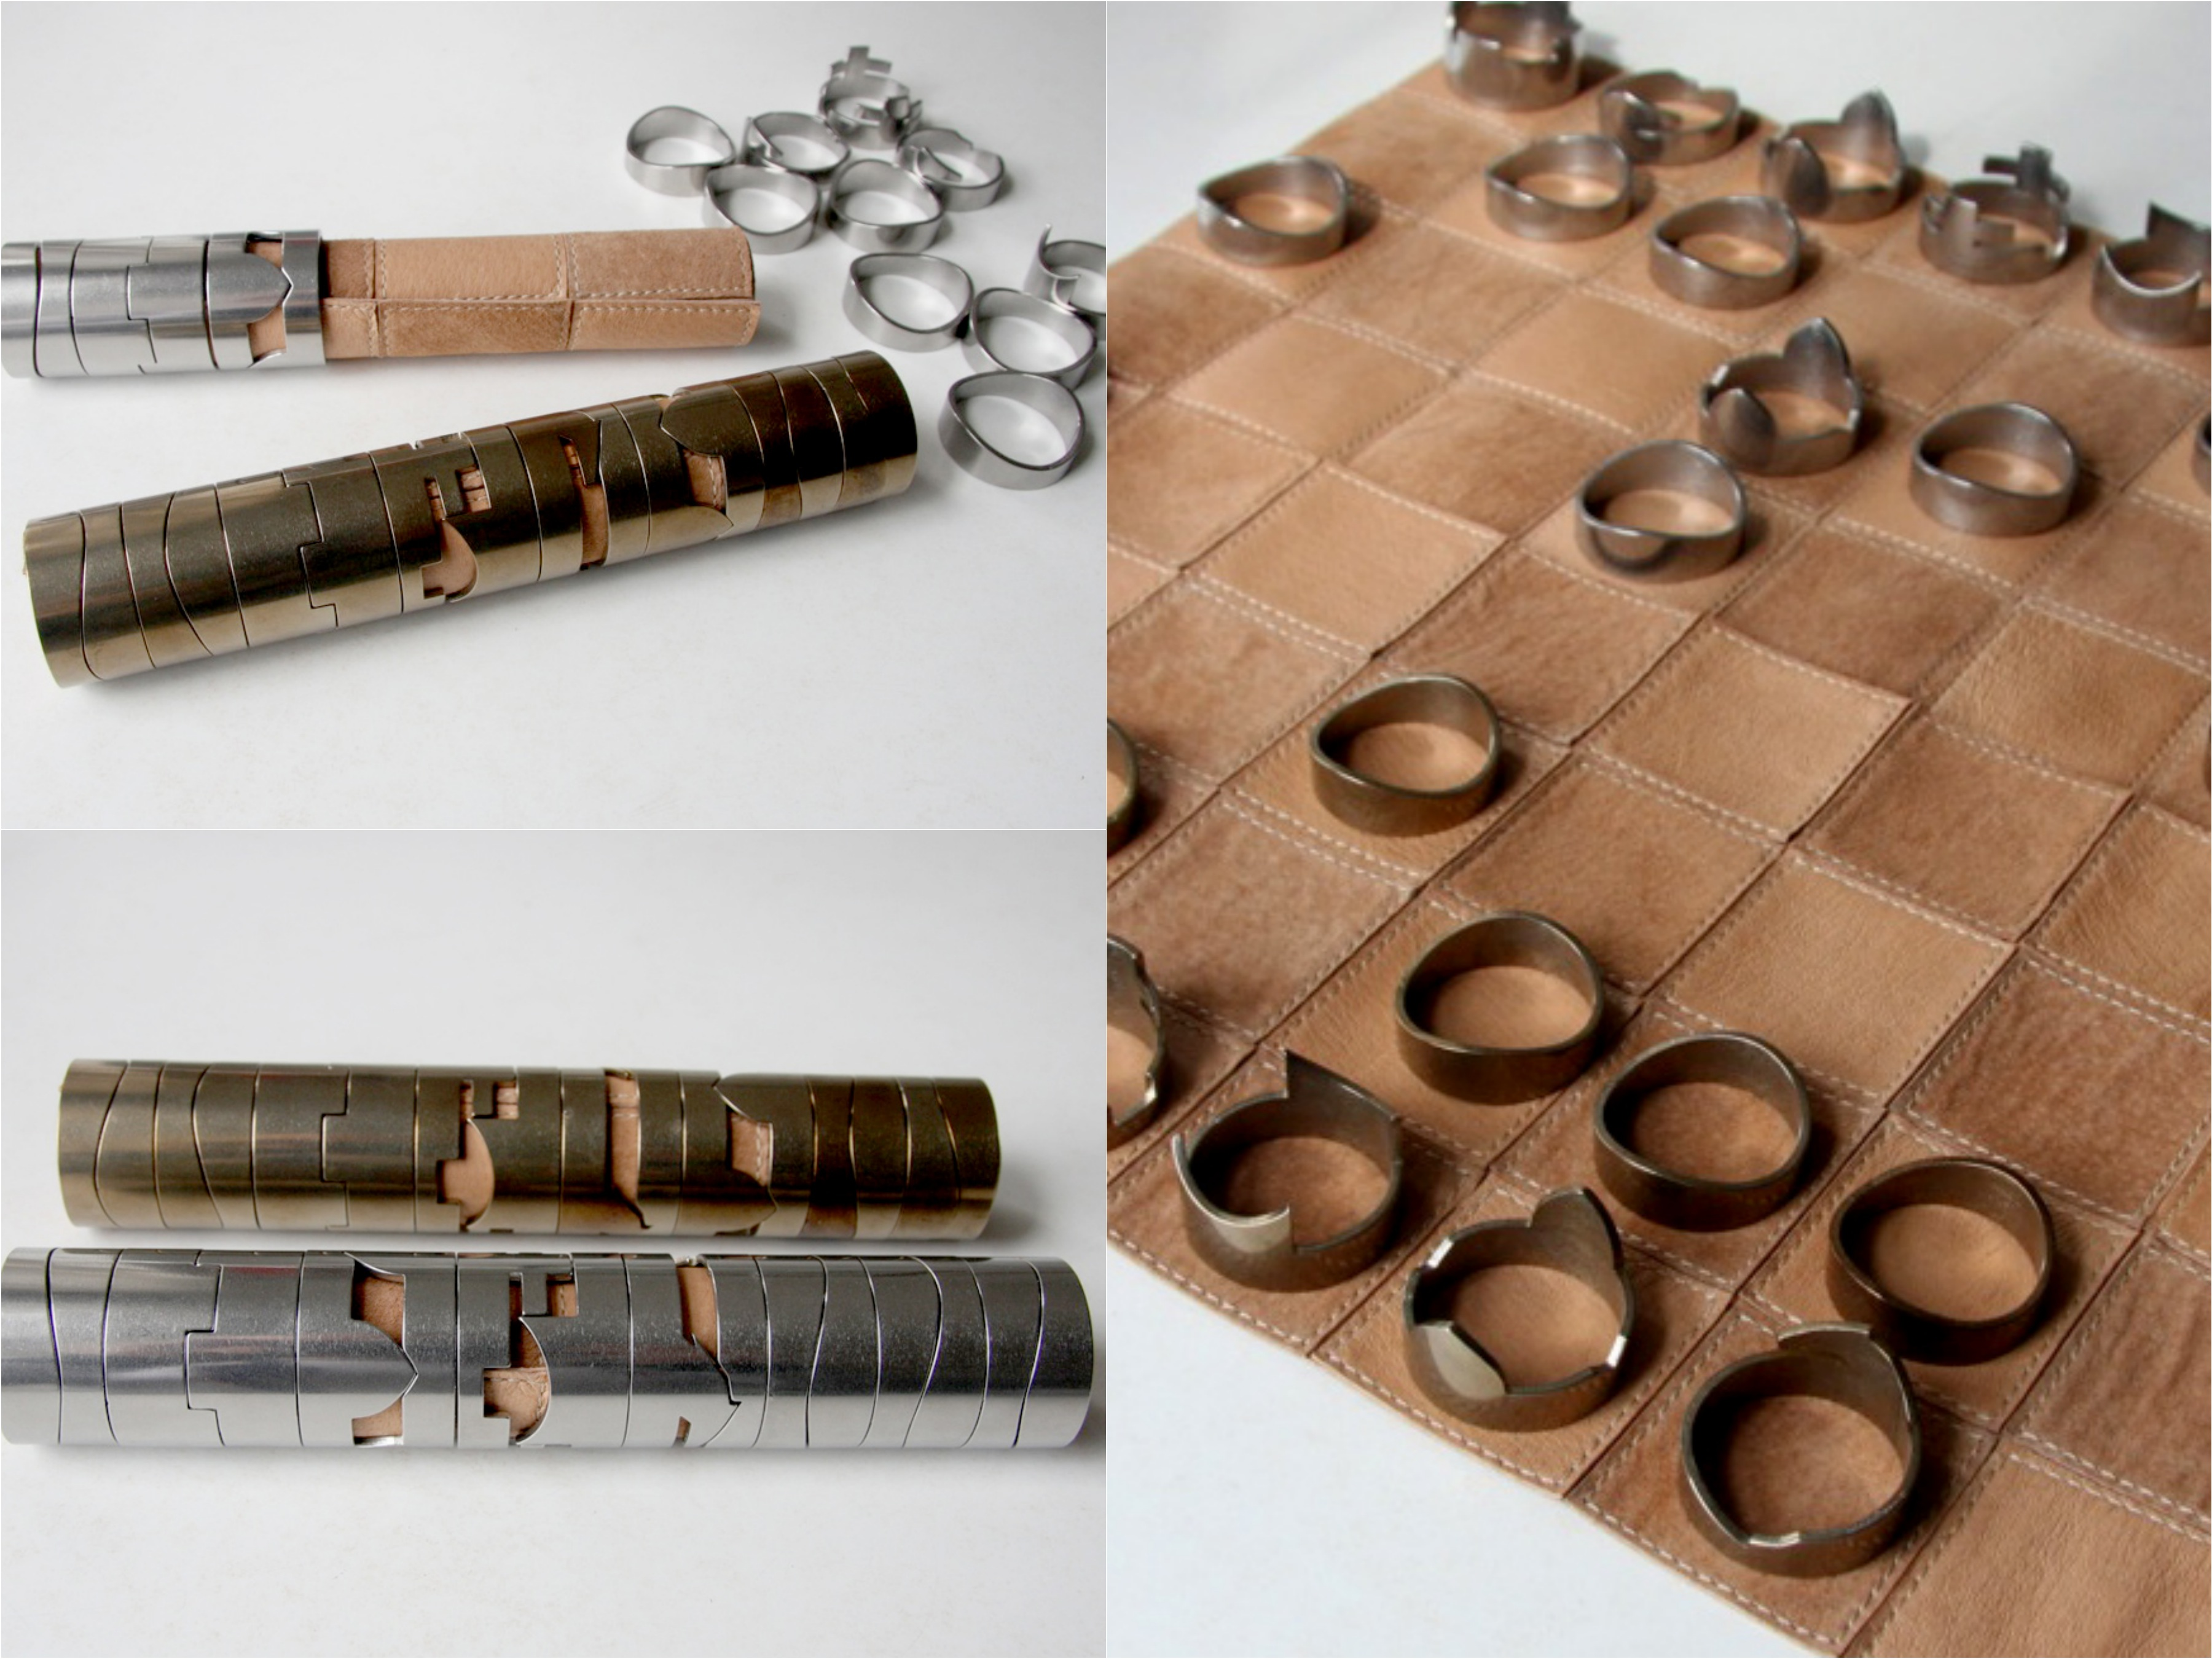 rawstudio chess set